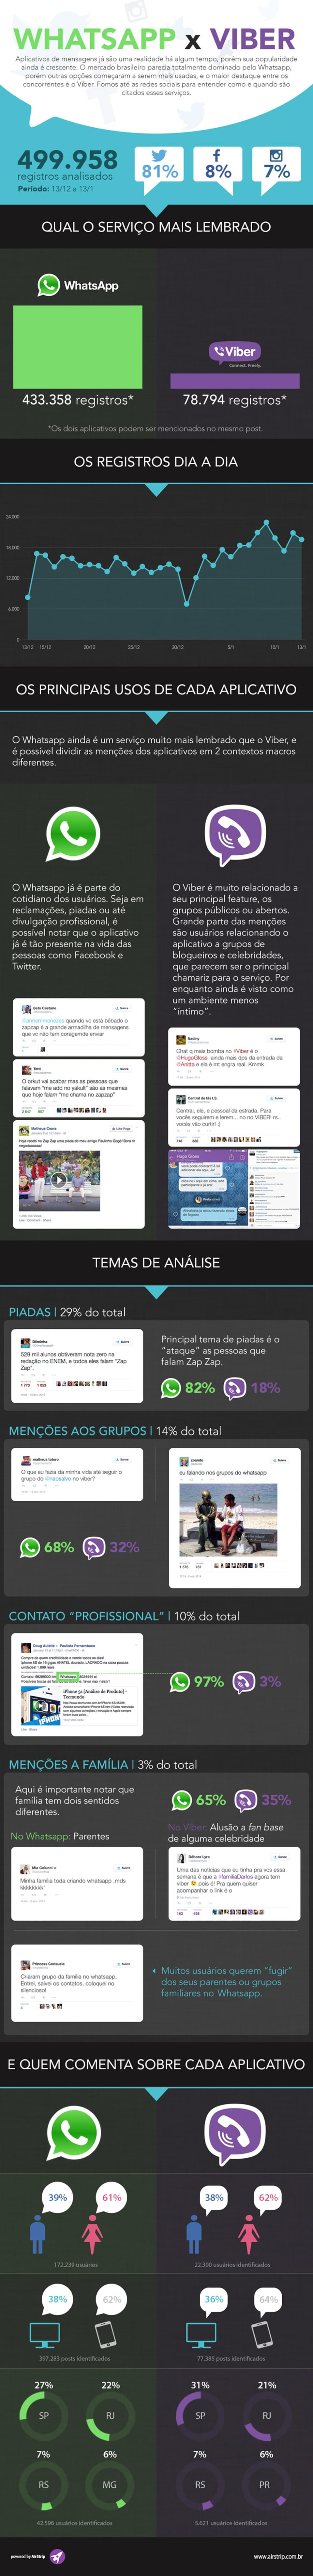 Mesmo com investimentos, Viber ainda está longe do WhatsApp [Infográfico]